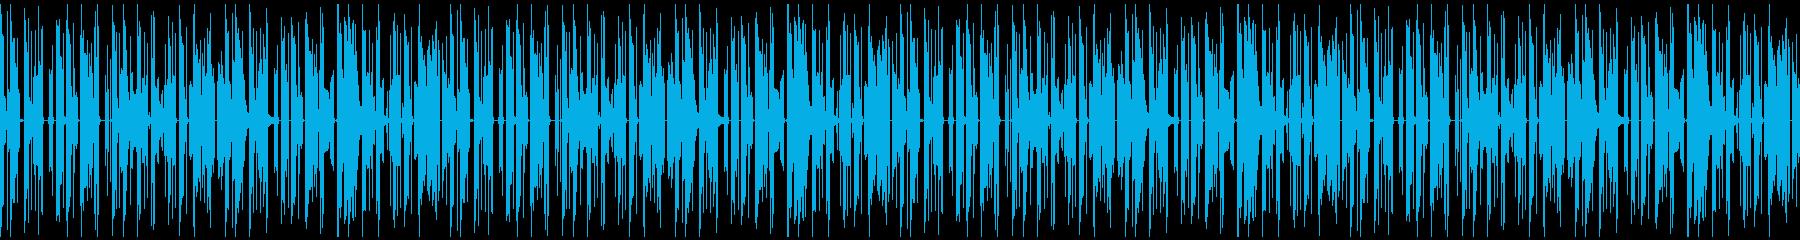 子供の声が入ったエレクトロニカループ:長の再生済みの波形